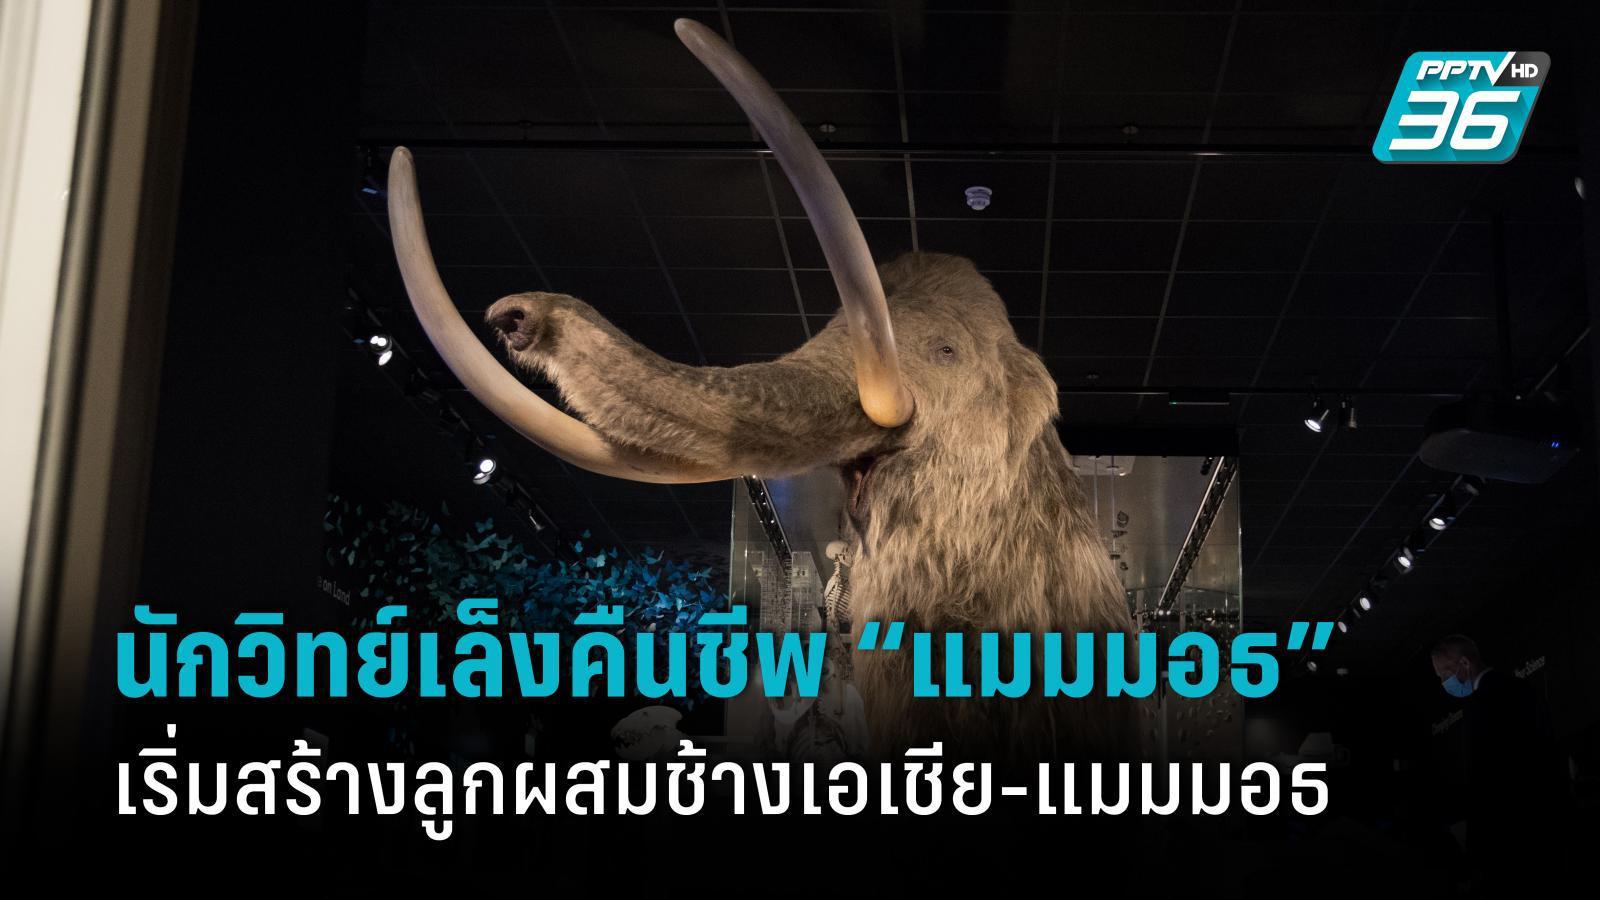 """นักวิทย์เล็งคืนชีพ """"แมมมอธ"""" เริ่มสร้างลูกผสมช้างเอเชีย-แมมมอธ"""